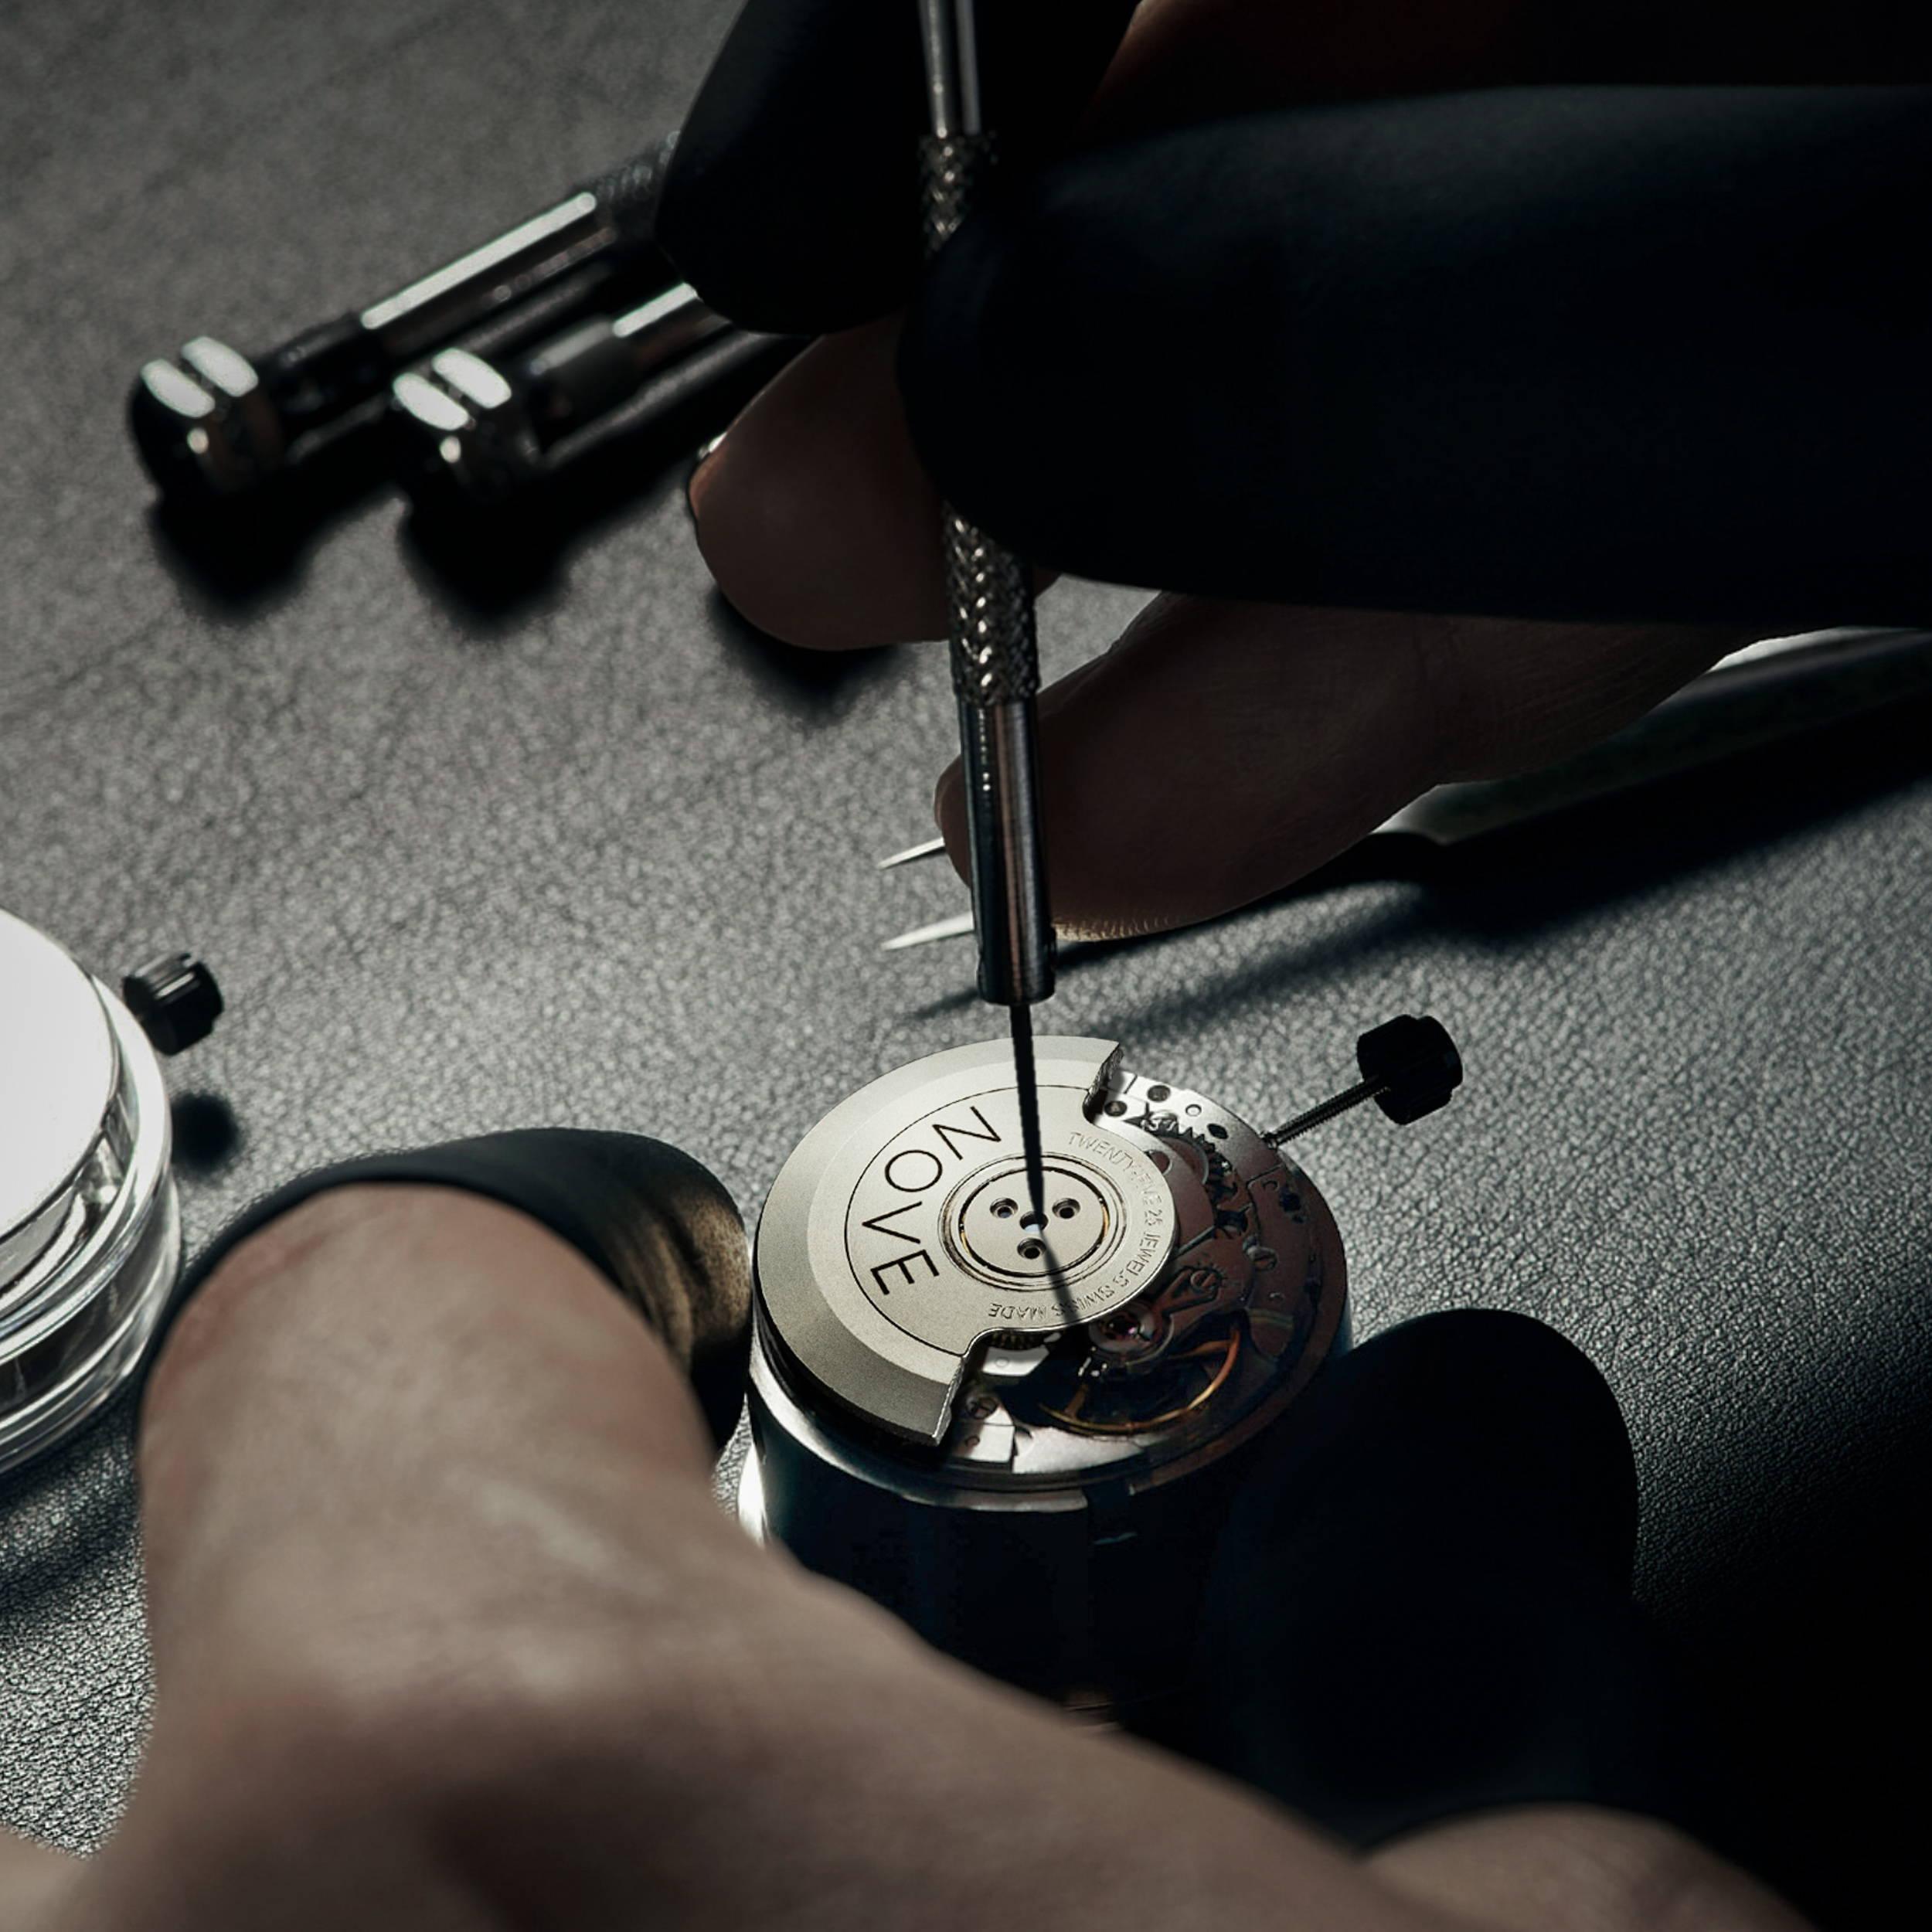 Swiss Made watch movement Ronda R150 assembled